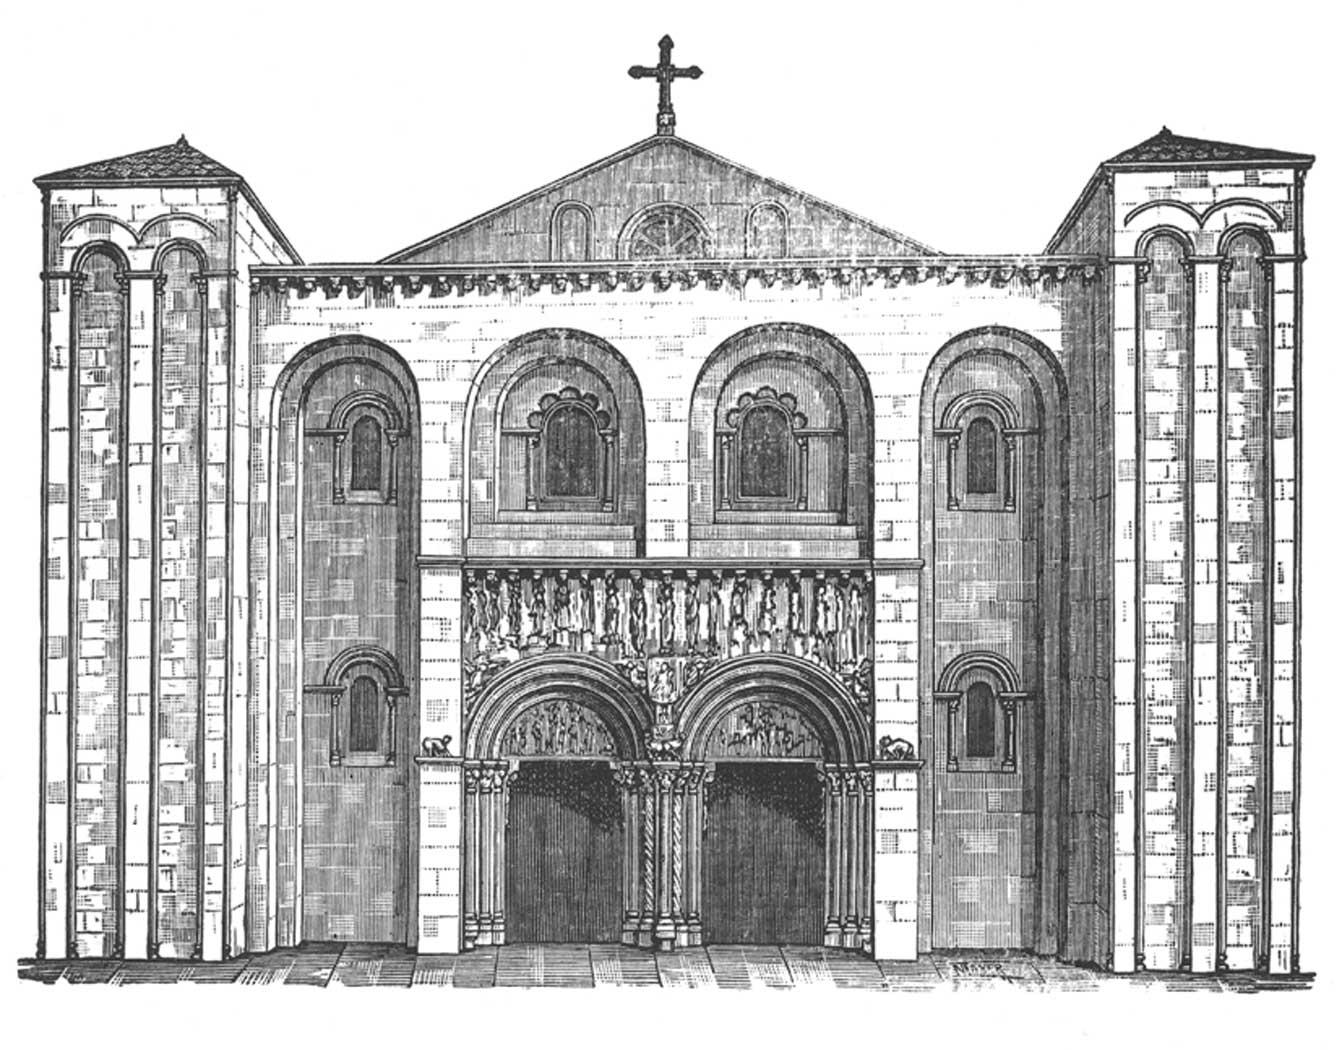 Santiago de compostela catedral de xacopedia Romanticismo arquitectura